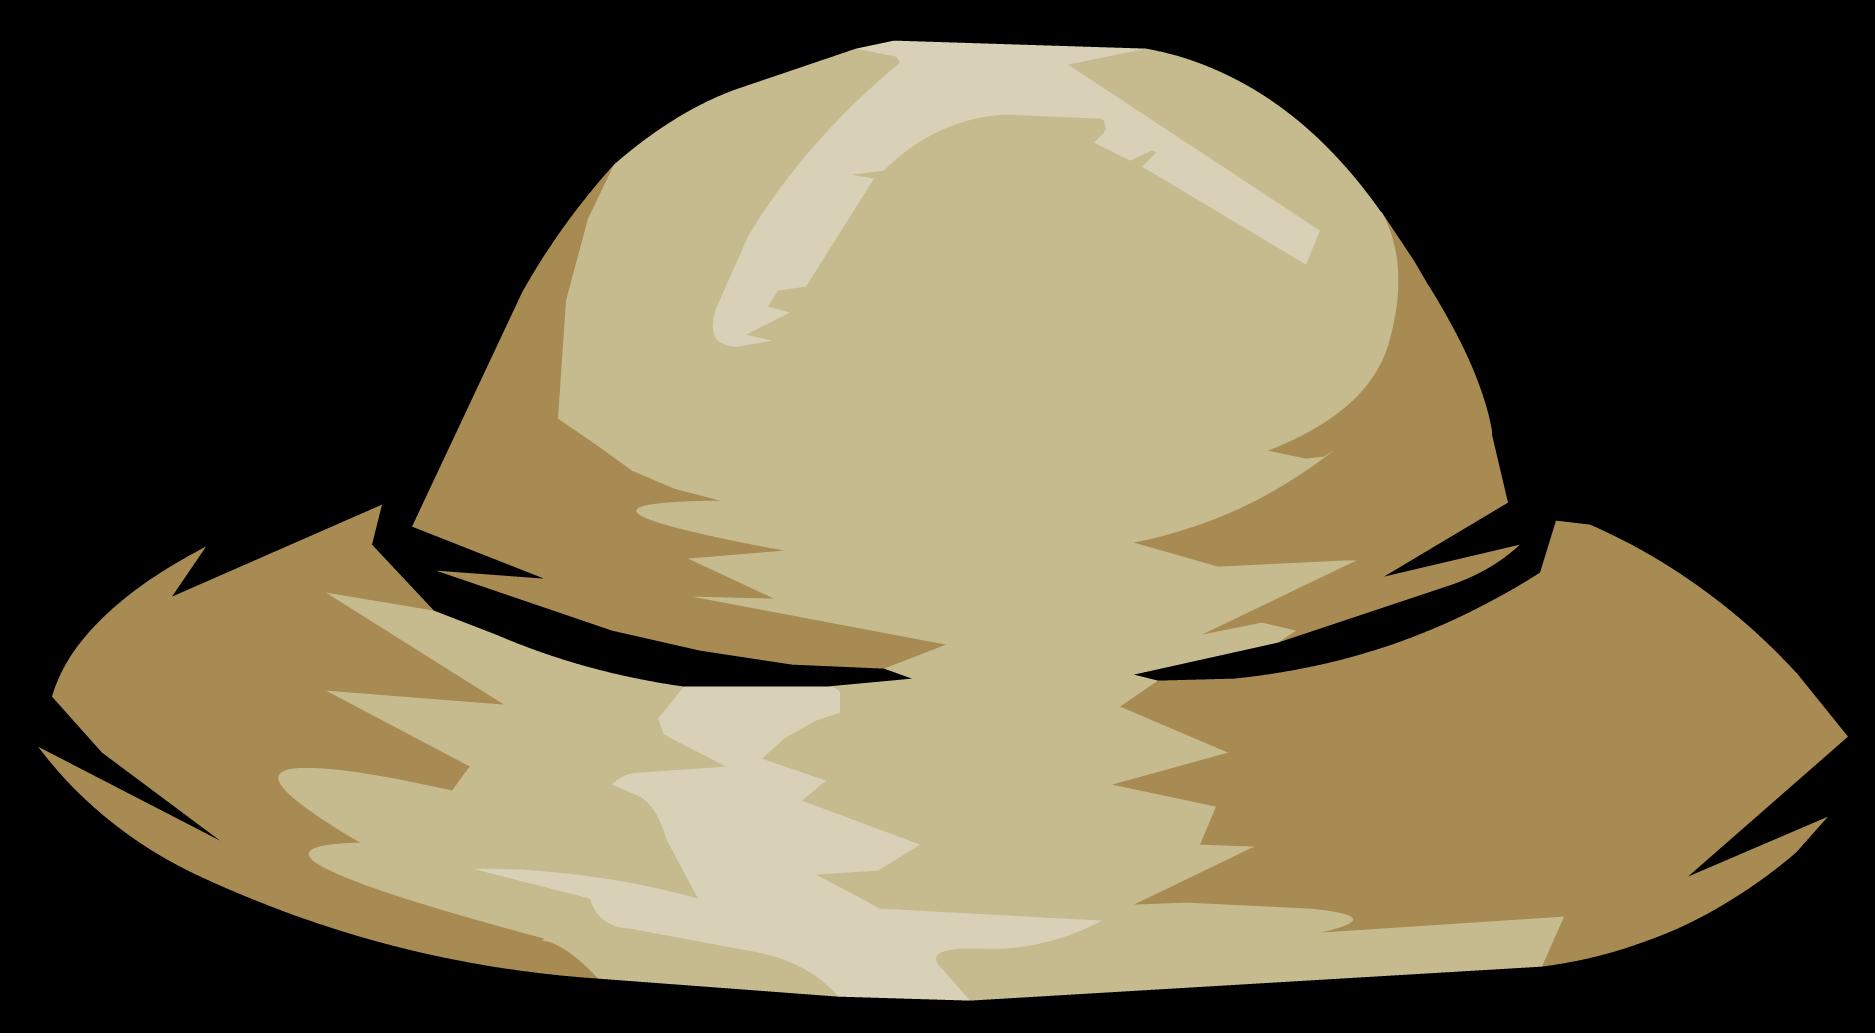 Drawn Hat Safari Hat - Safari Hat Clip Art (1875x1033), Png Download